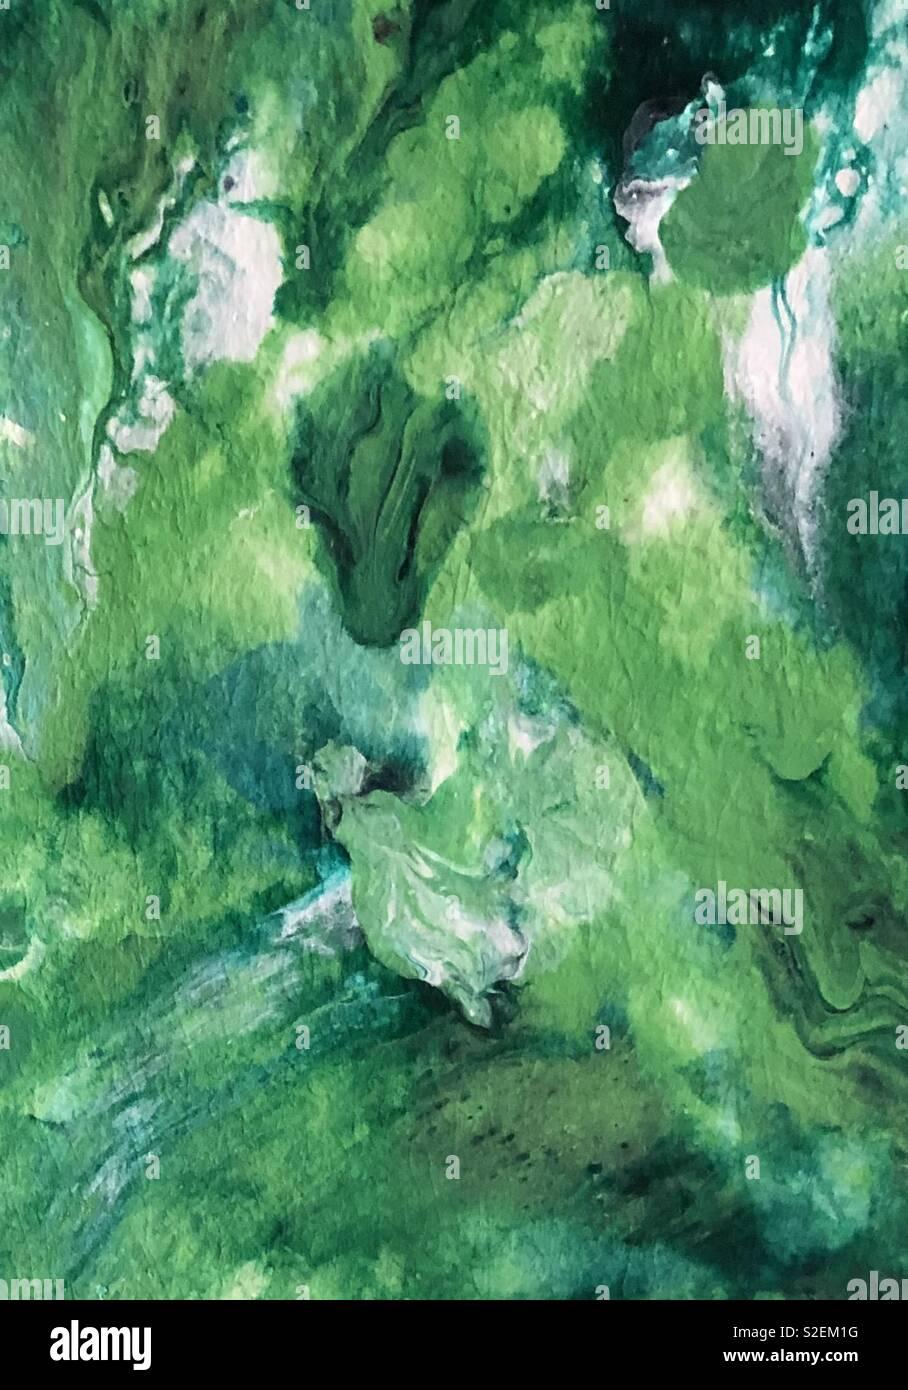 Verdes vibrantes pintura abstracta para copiar y fondos del espacioFoto de stock